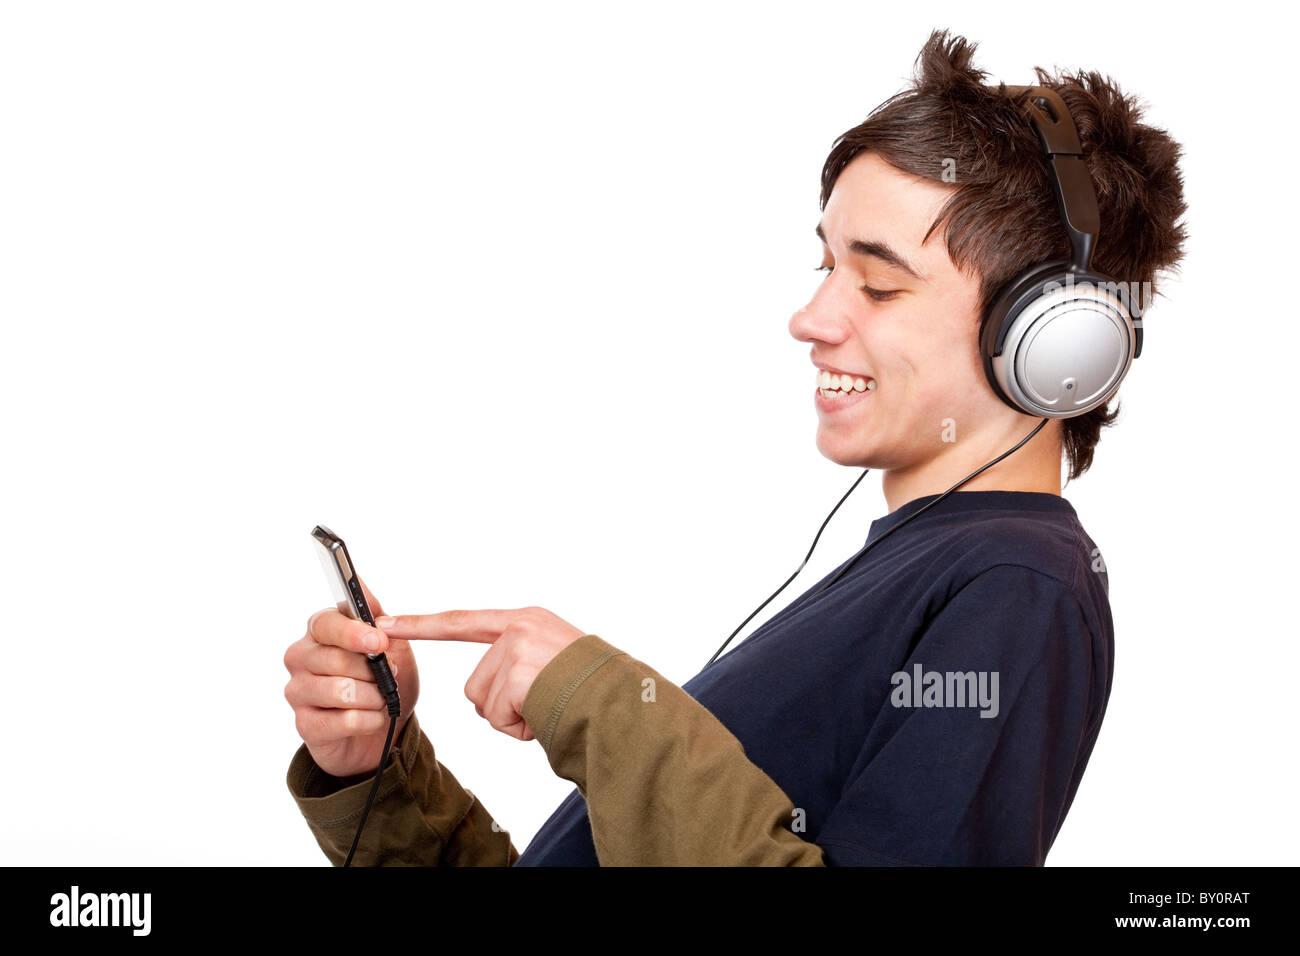 Adolescent avec l'utilisation de casque mp3 lecteur de musique. Isolé sur fond blanc Photo Stock